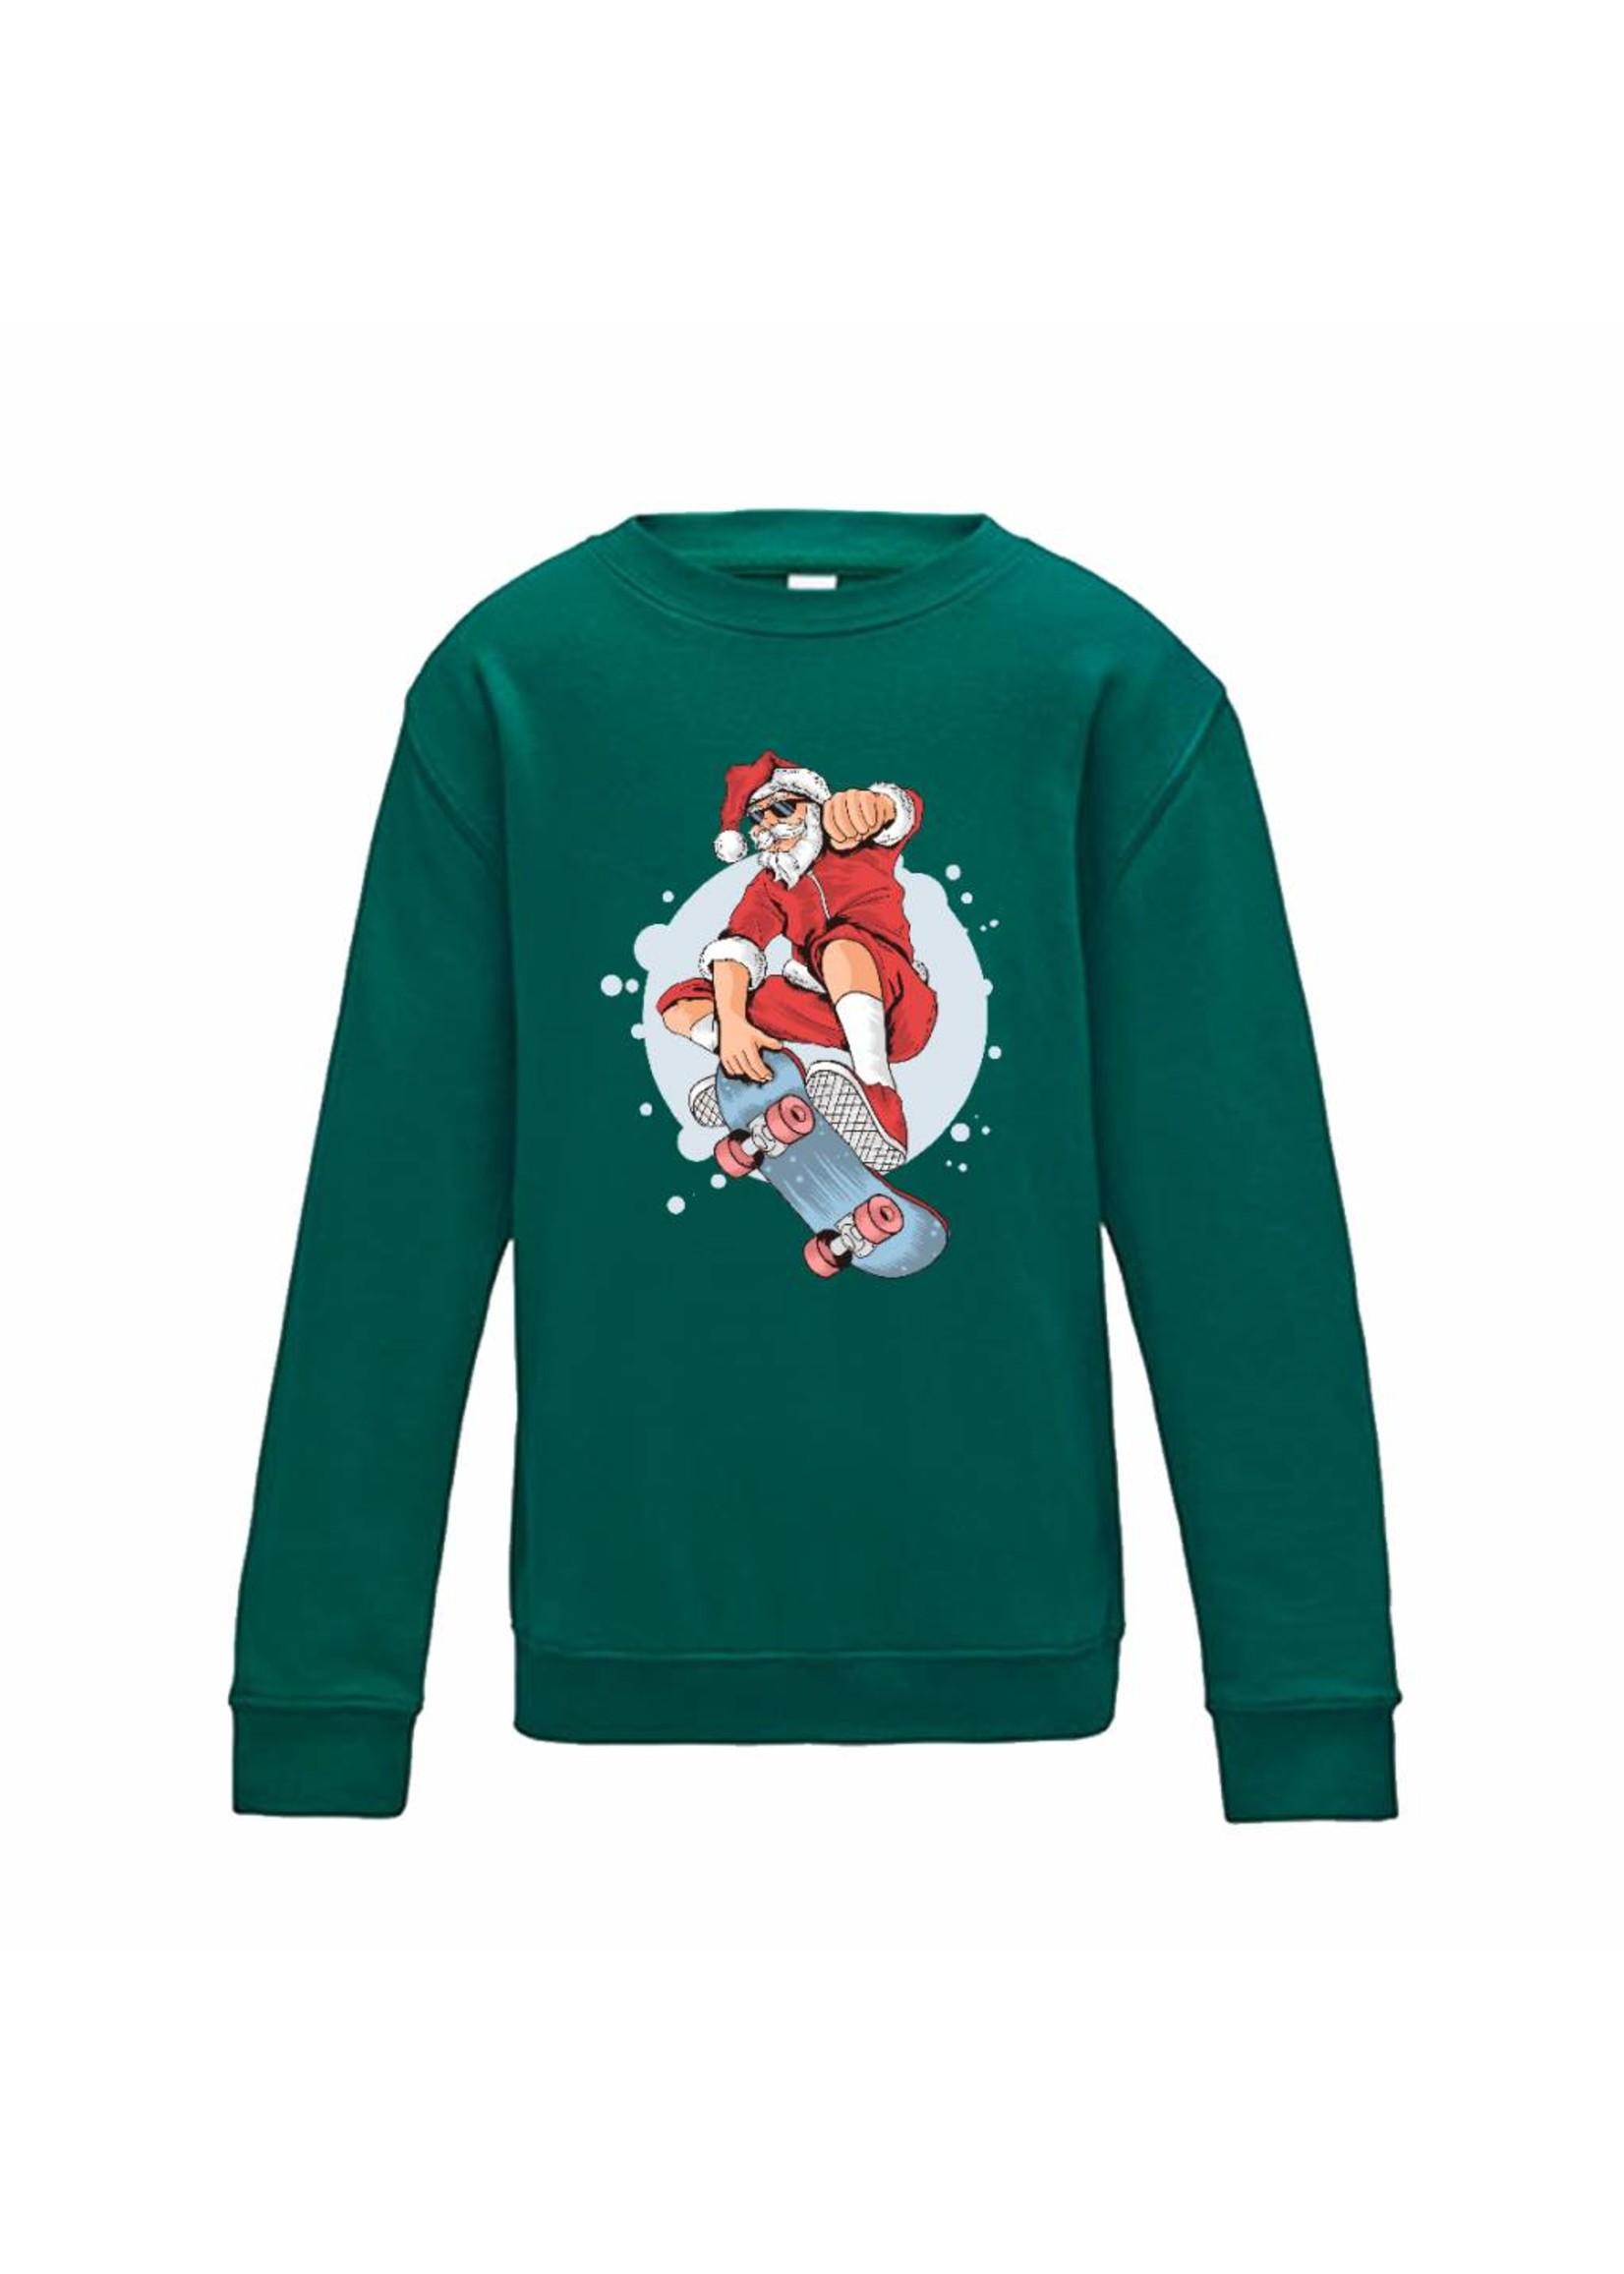 Kerst sweater kerstman op skateboard